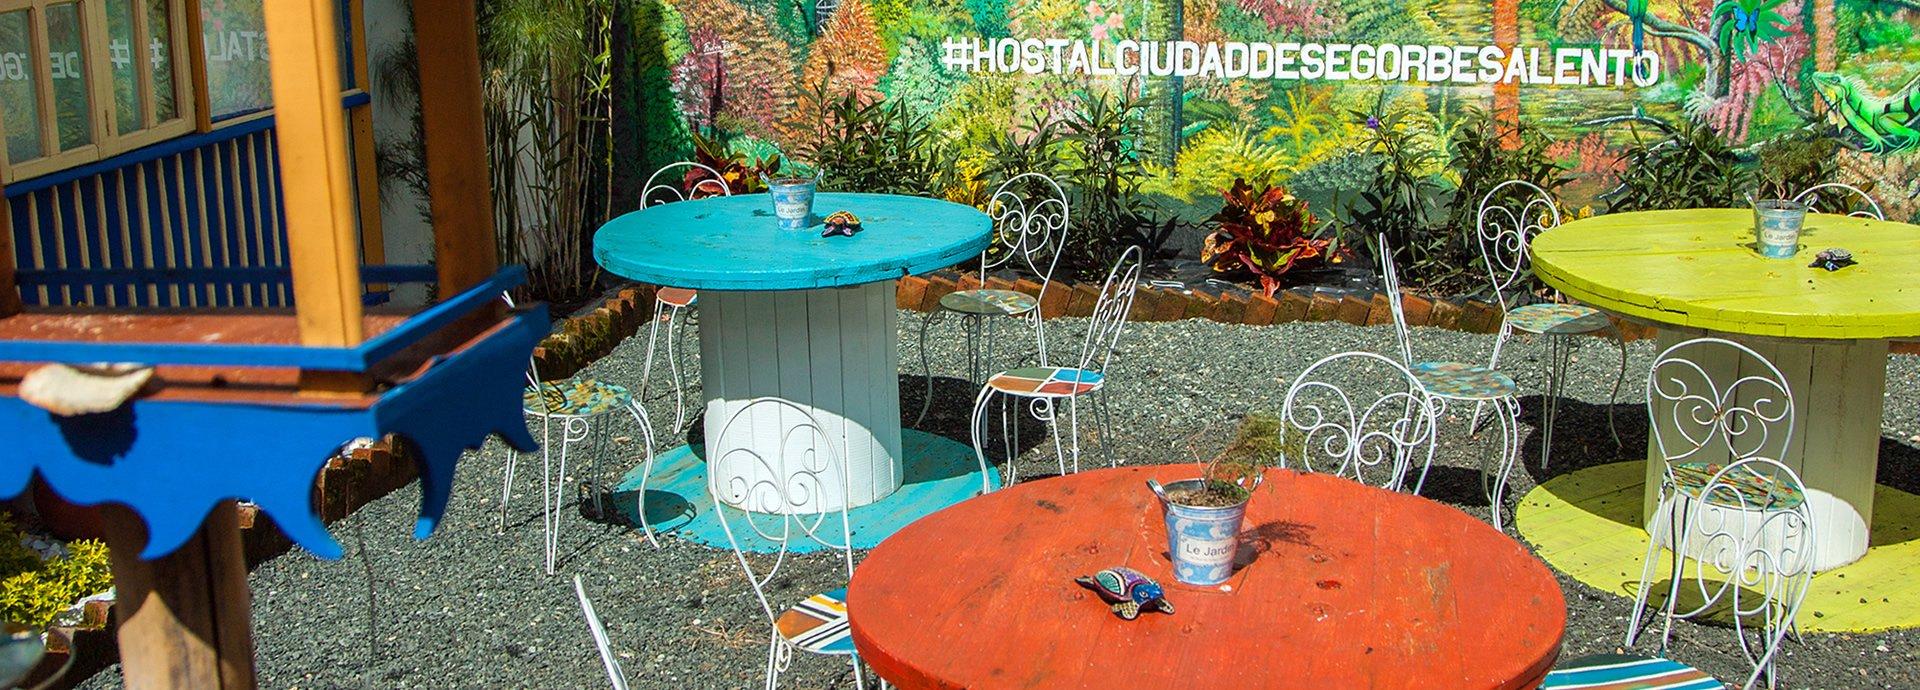 salento-colombia-ciudad-de-segorbe-hostels-salento-dining-room3-banner